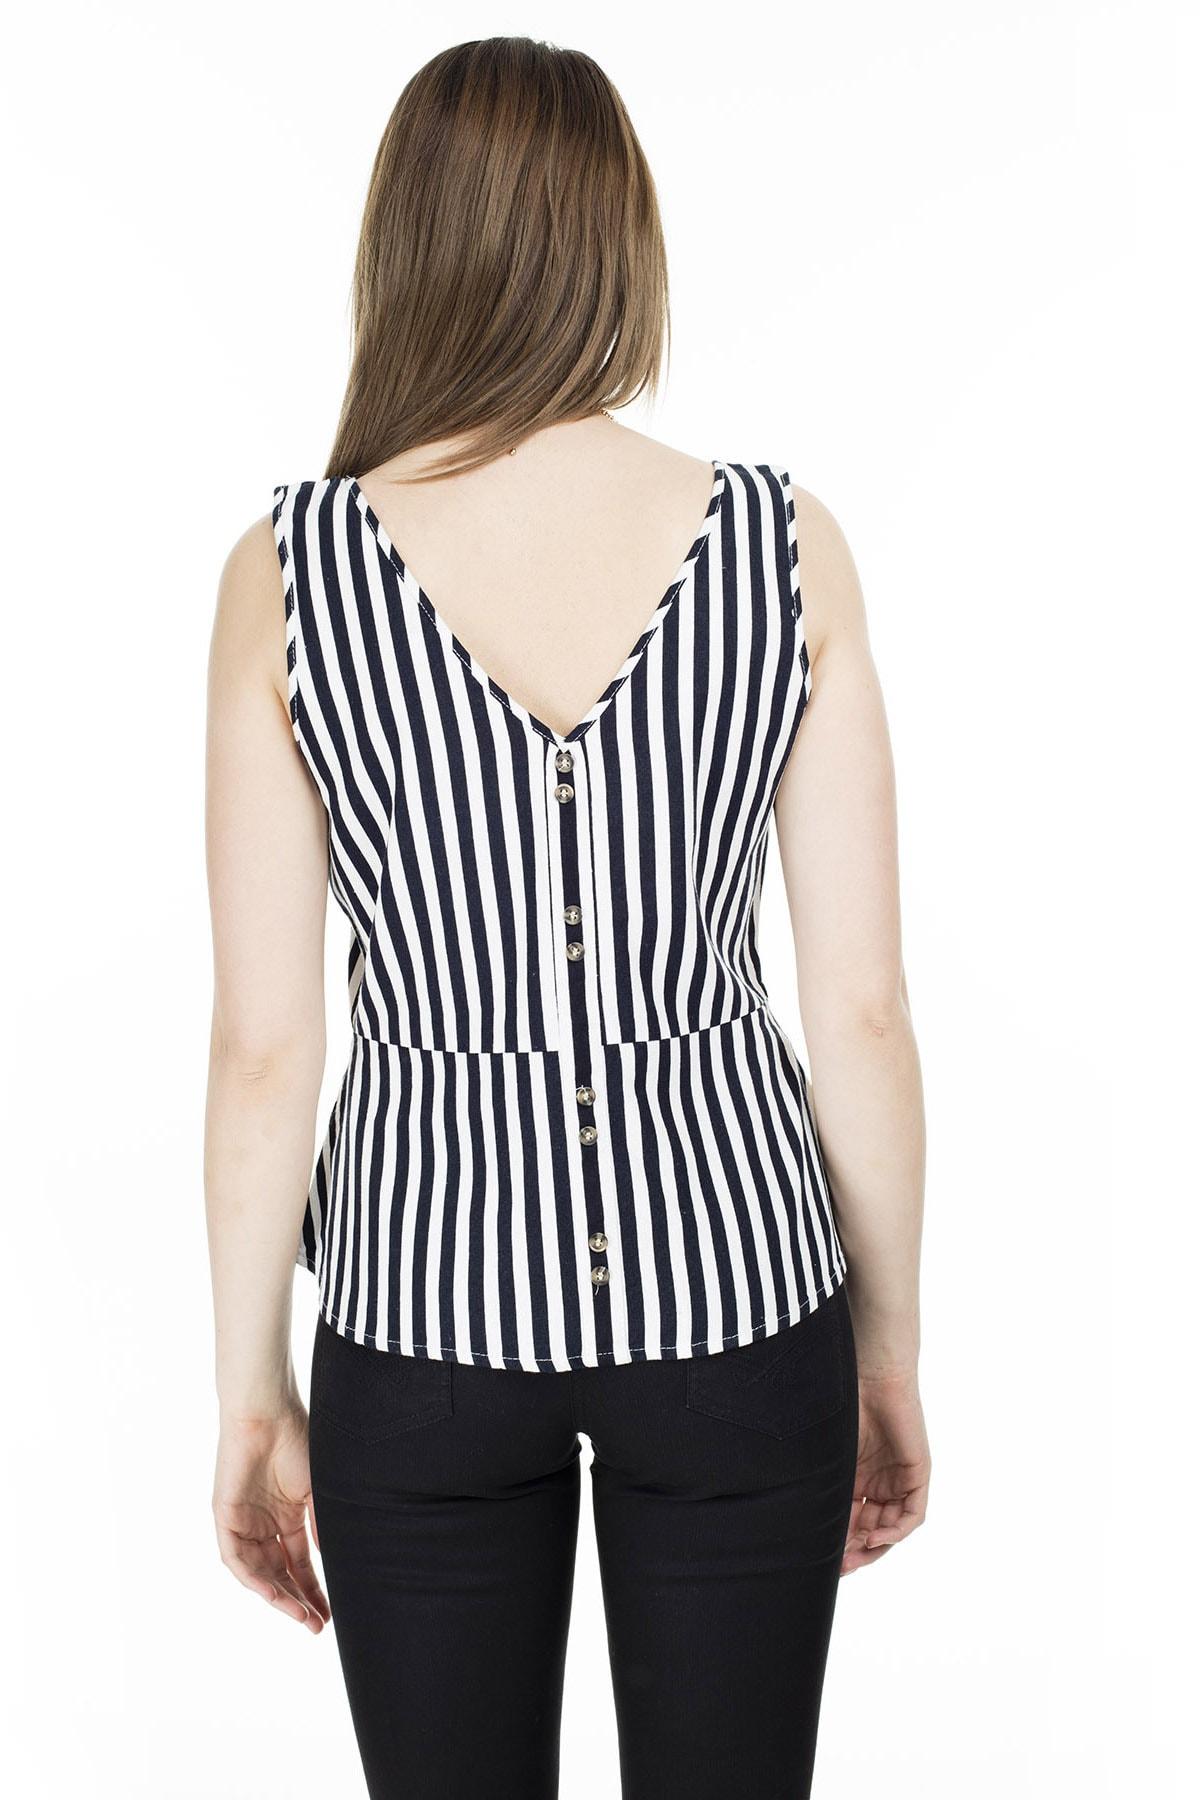 Vero Moda Kadın Lacivert Düğme Detaylı Çizgili Keten Karışımlı Kolsuz Bluz 10226439 VMHELENMILO 2